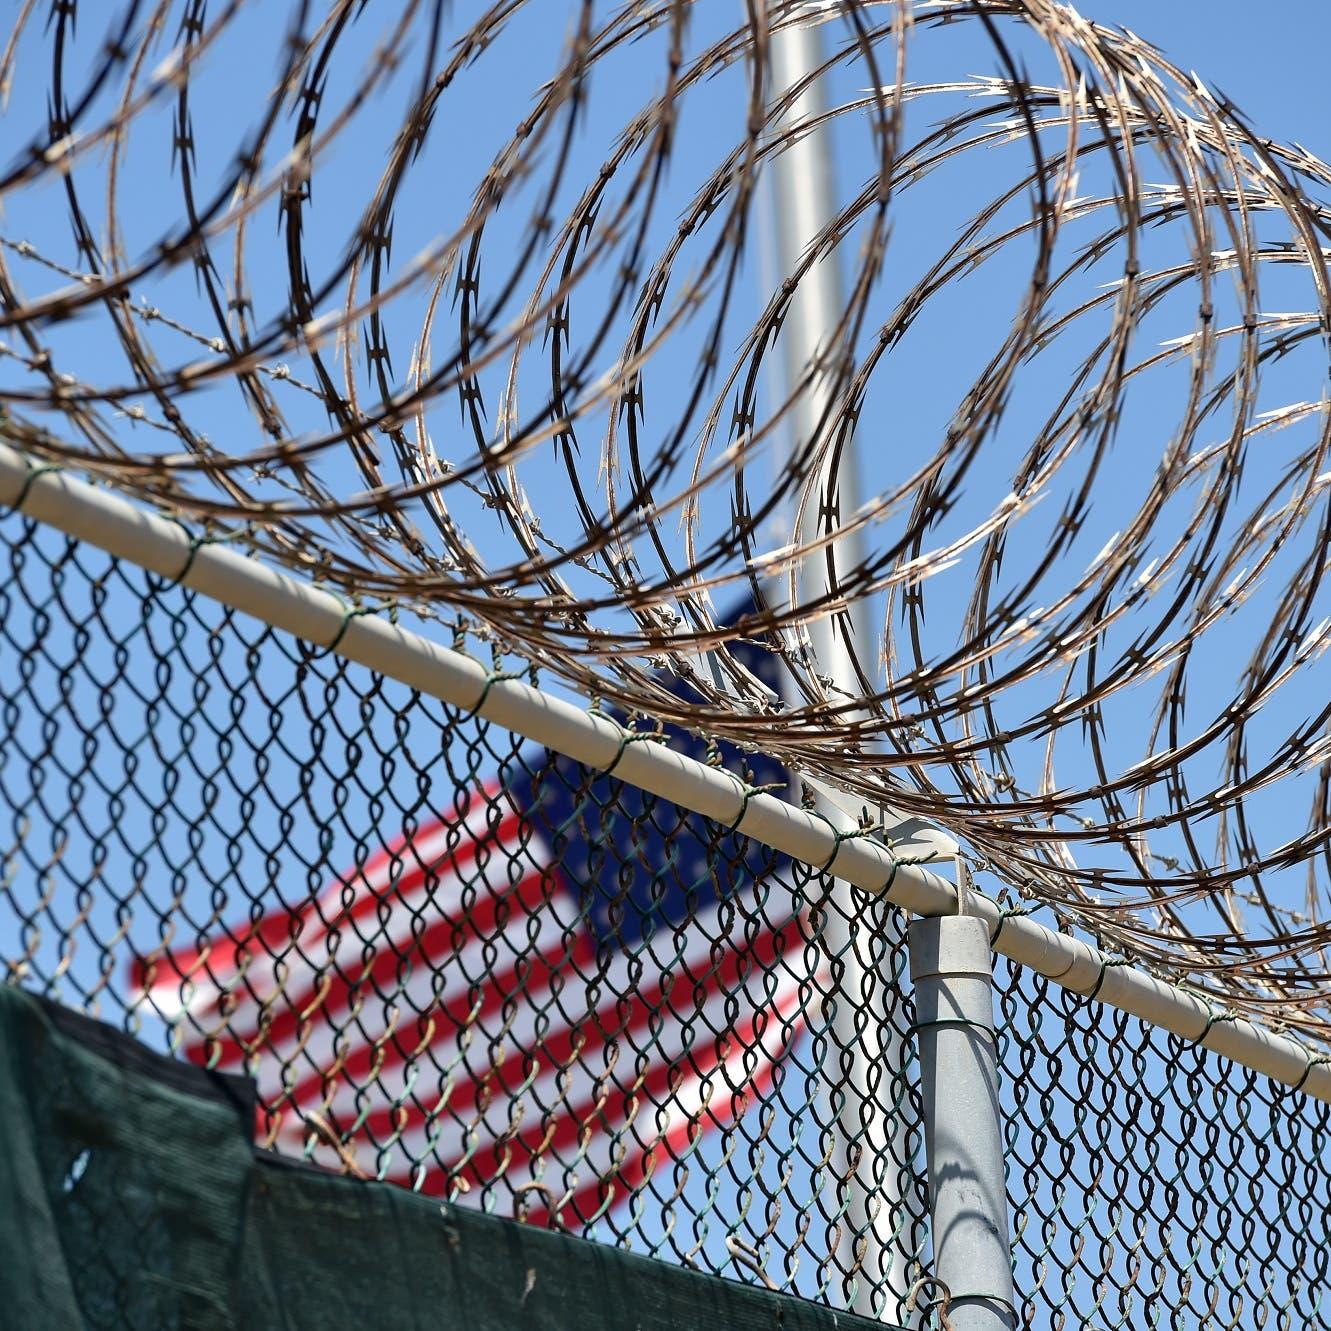 US closes secret Guantanamo prison unit, moves prisoners: Military